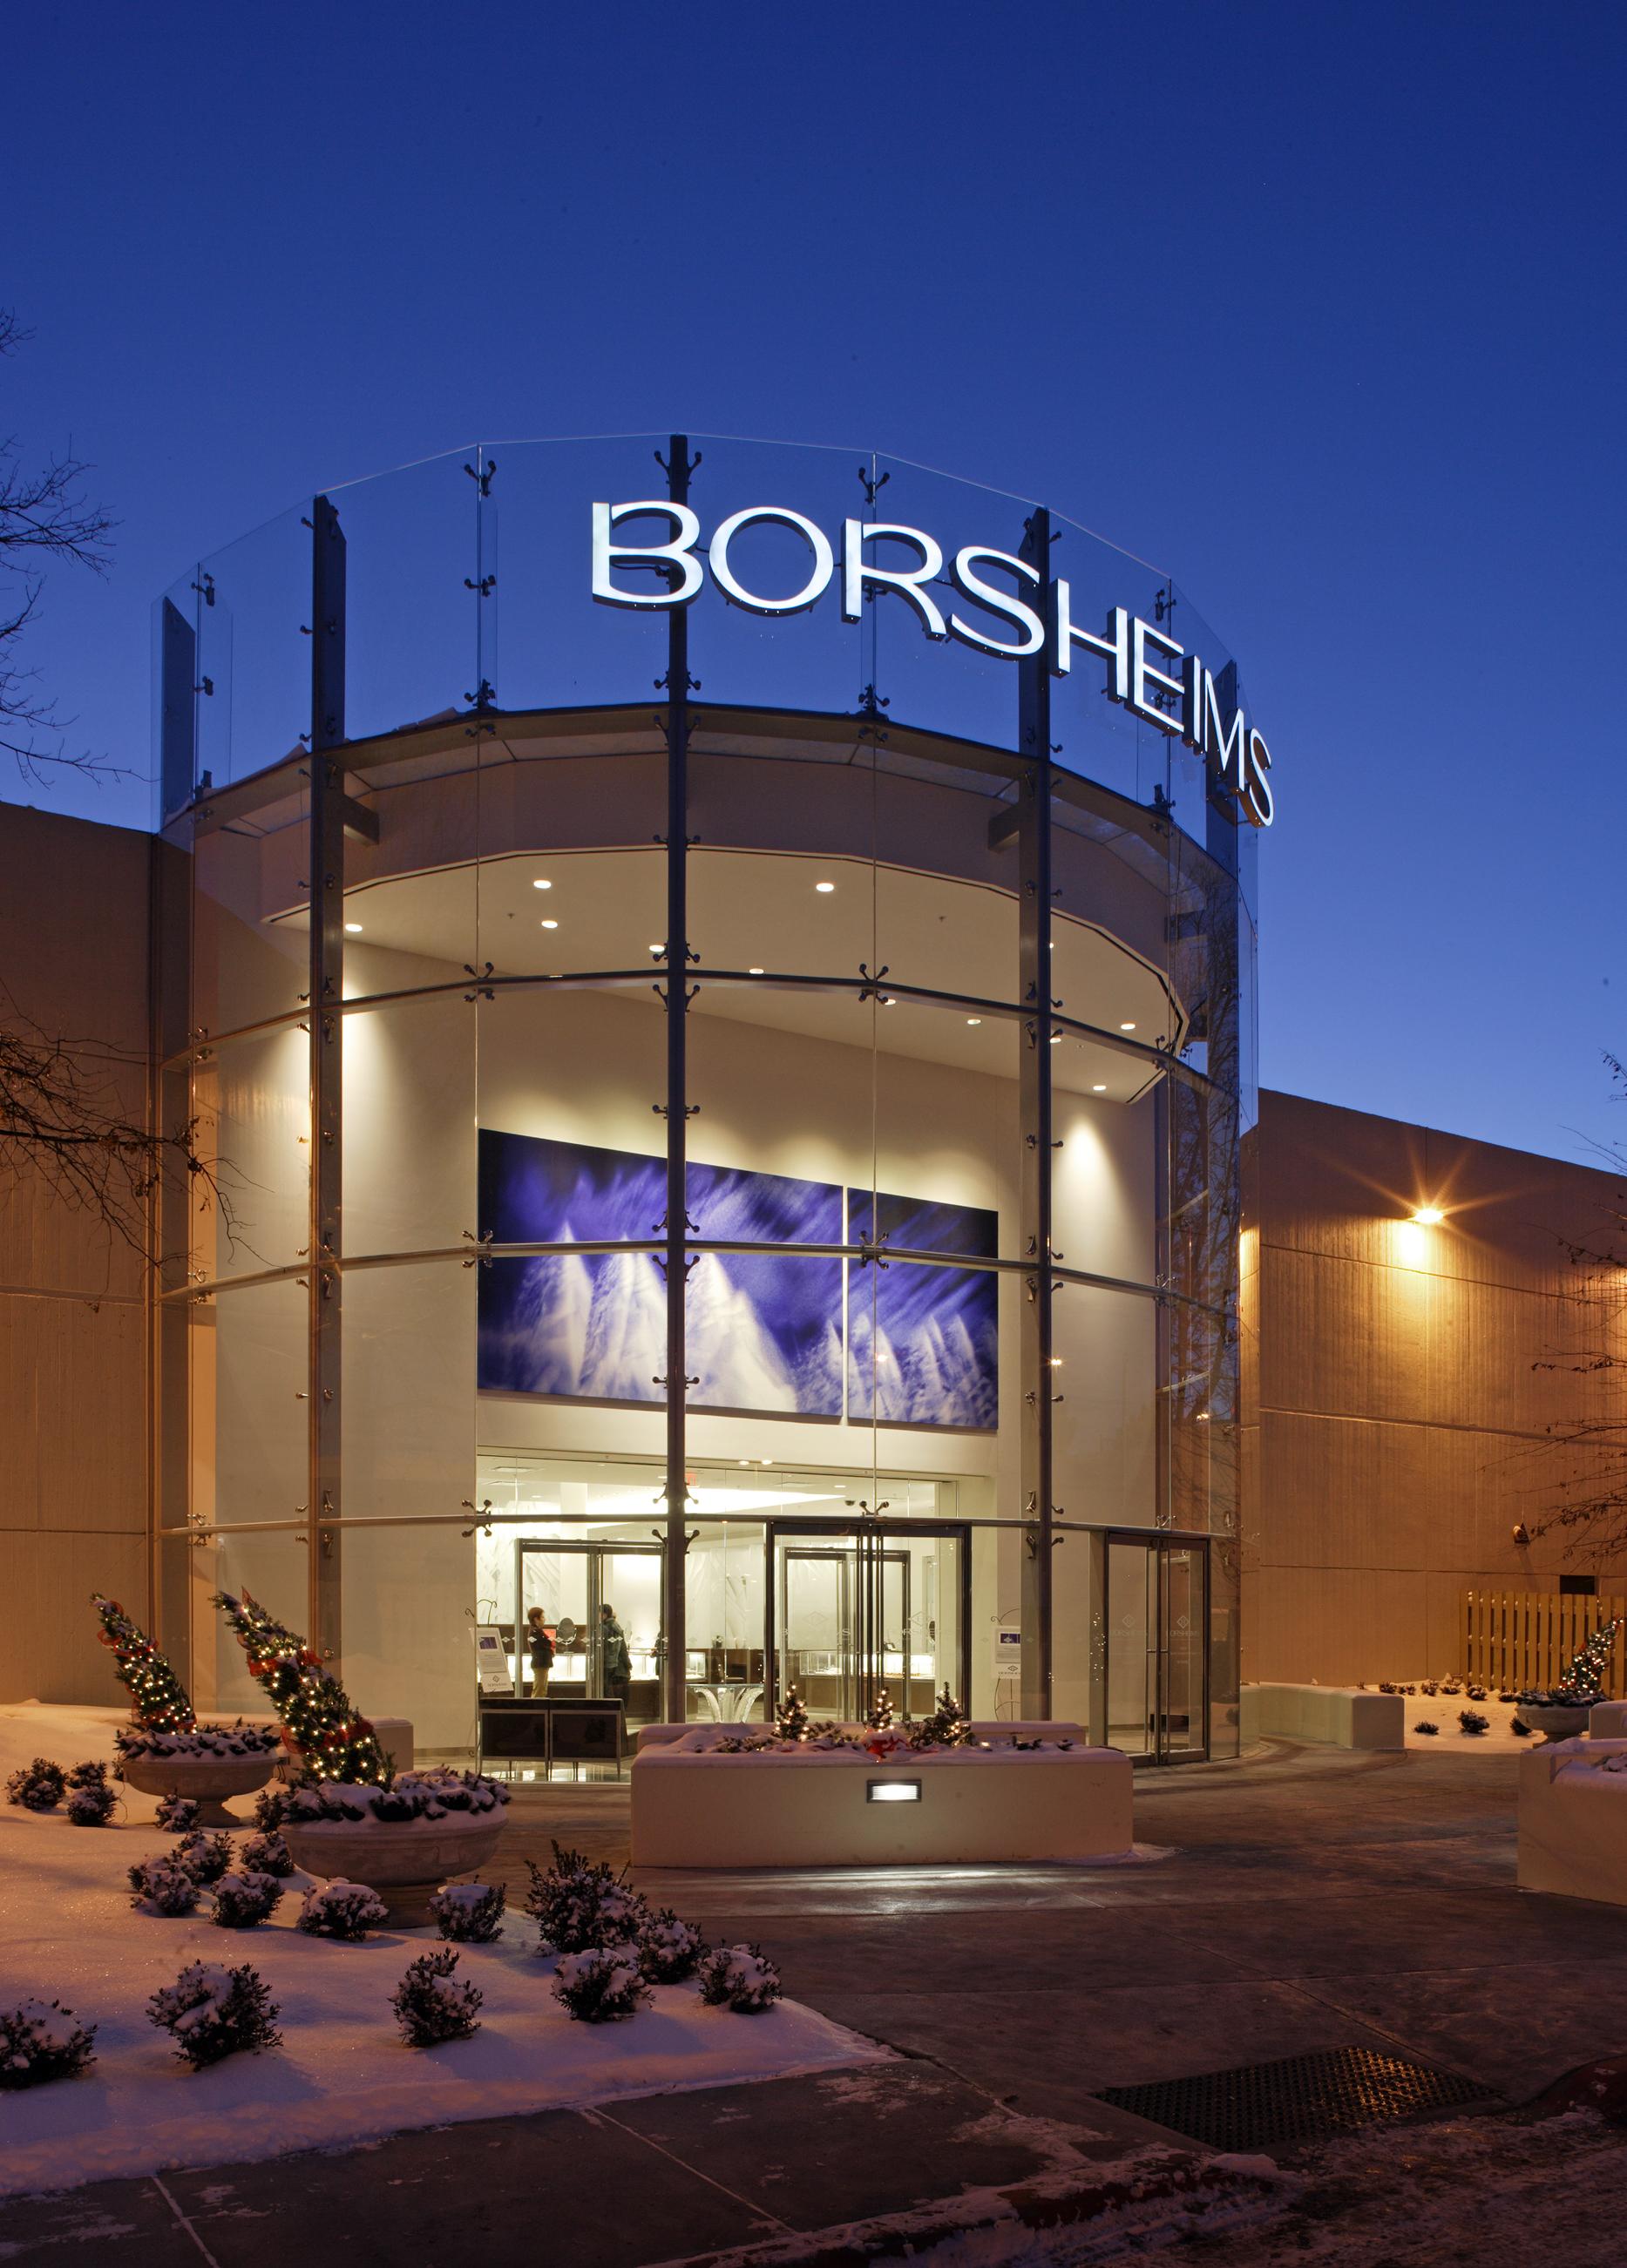 borsheim's 01.jpg